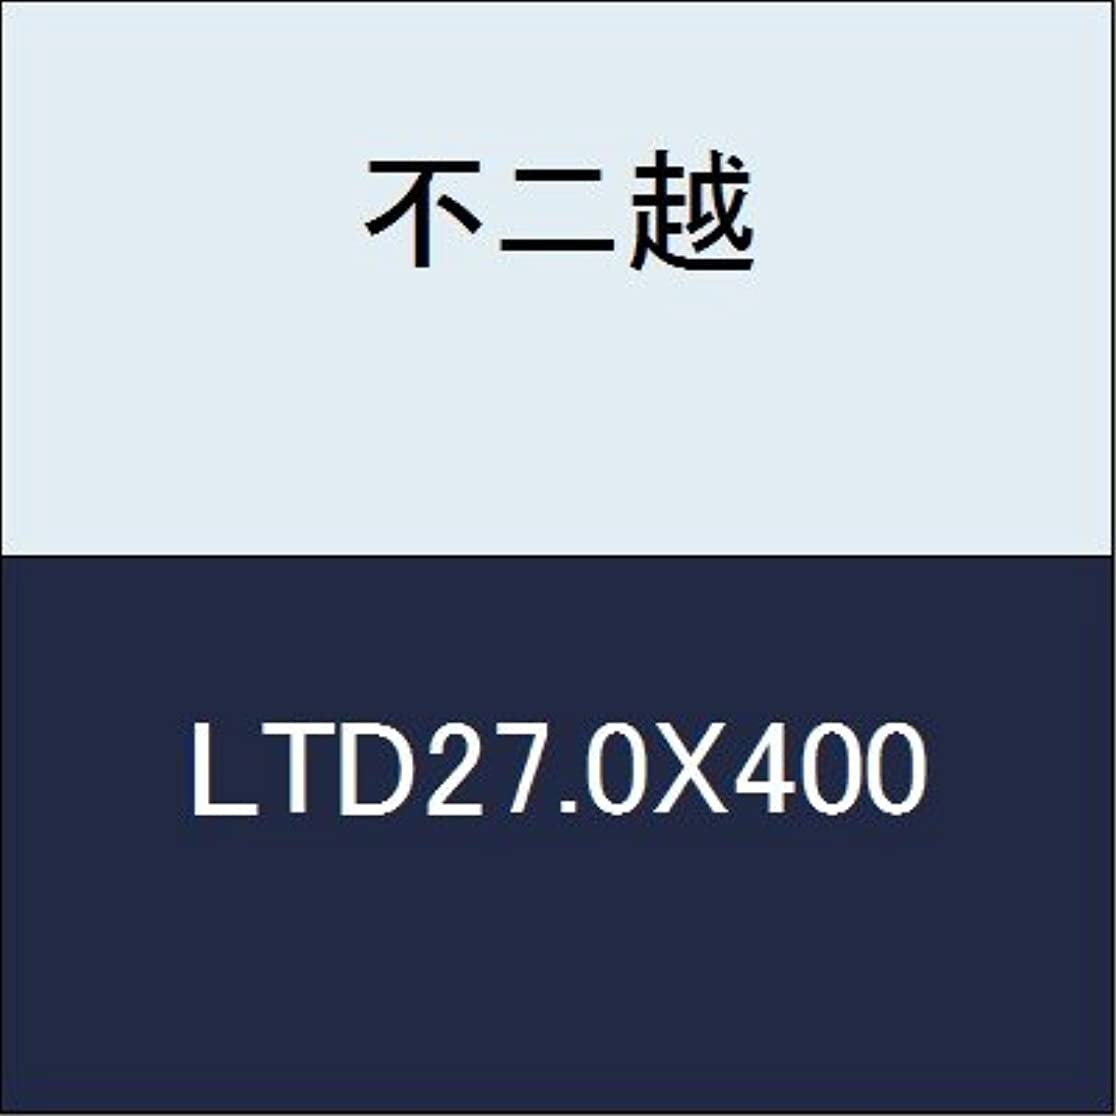 器用経由で敵意不二越 切削工具 ロングテーパードリル LTD27.0X400